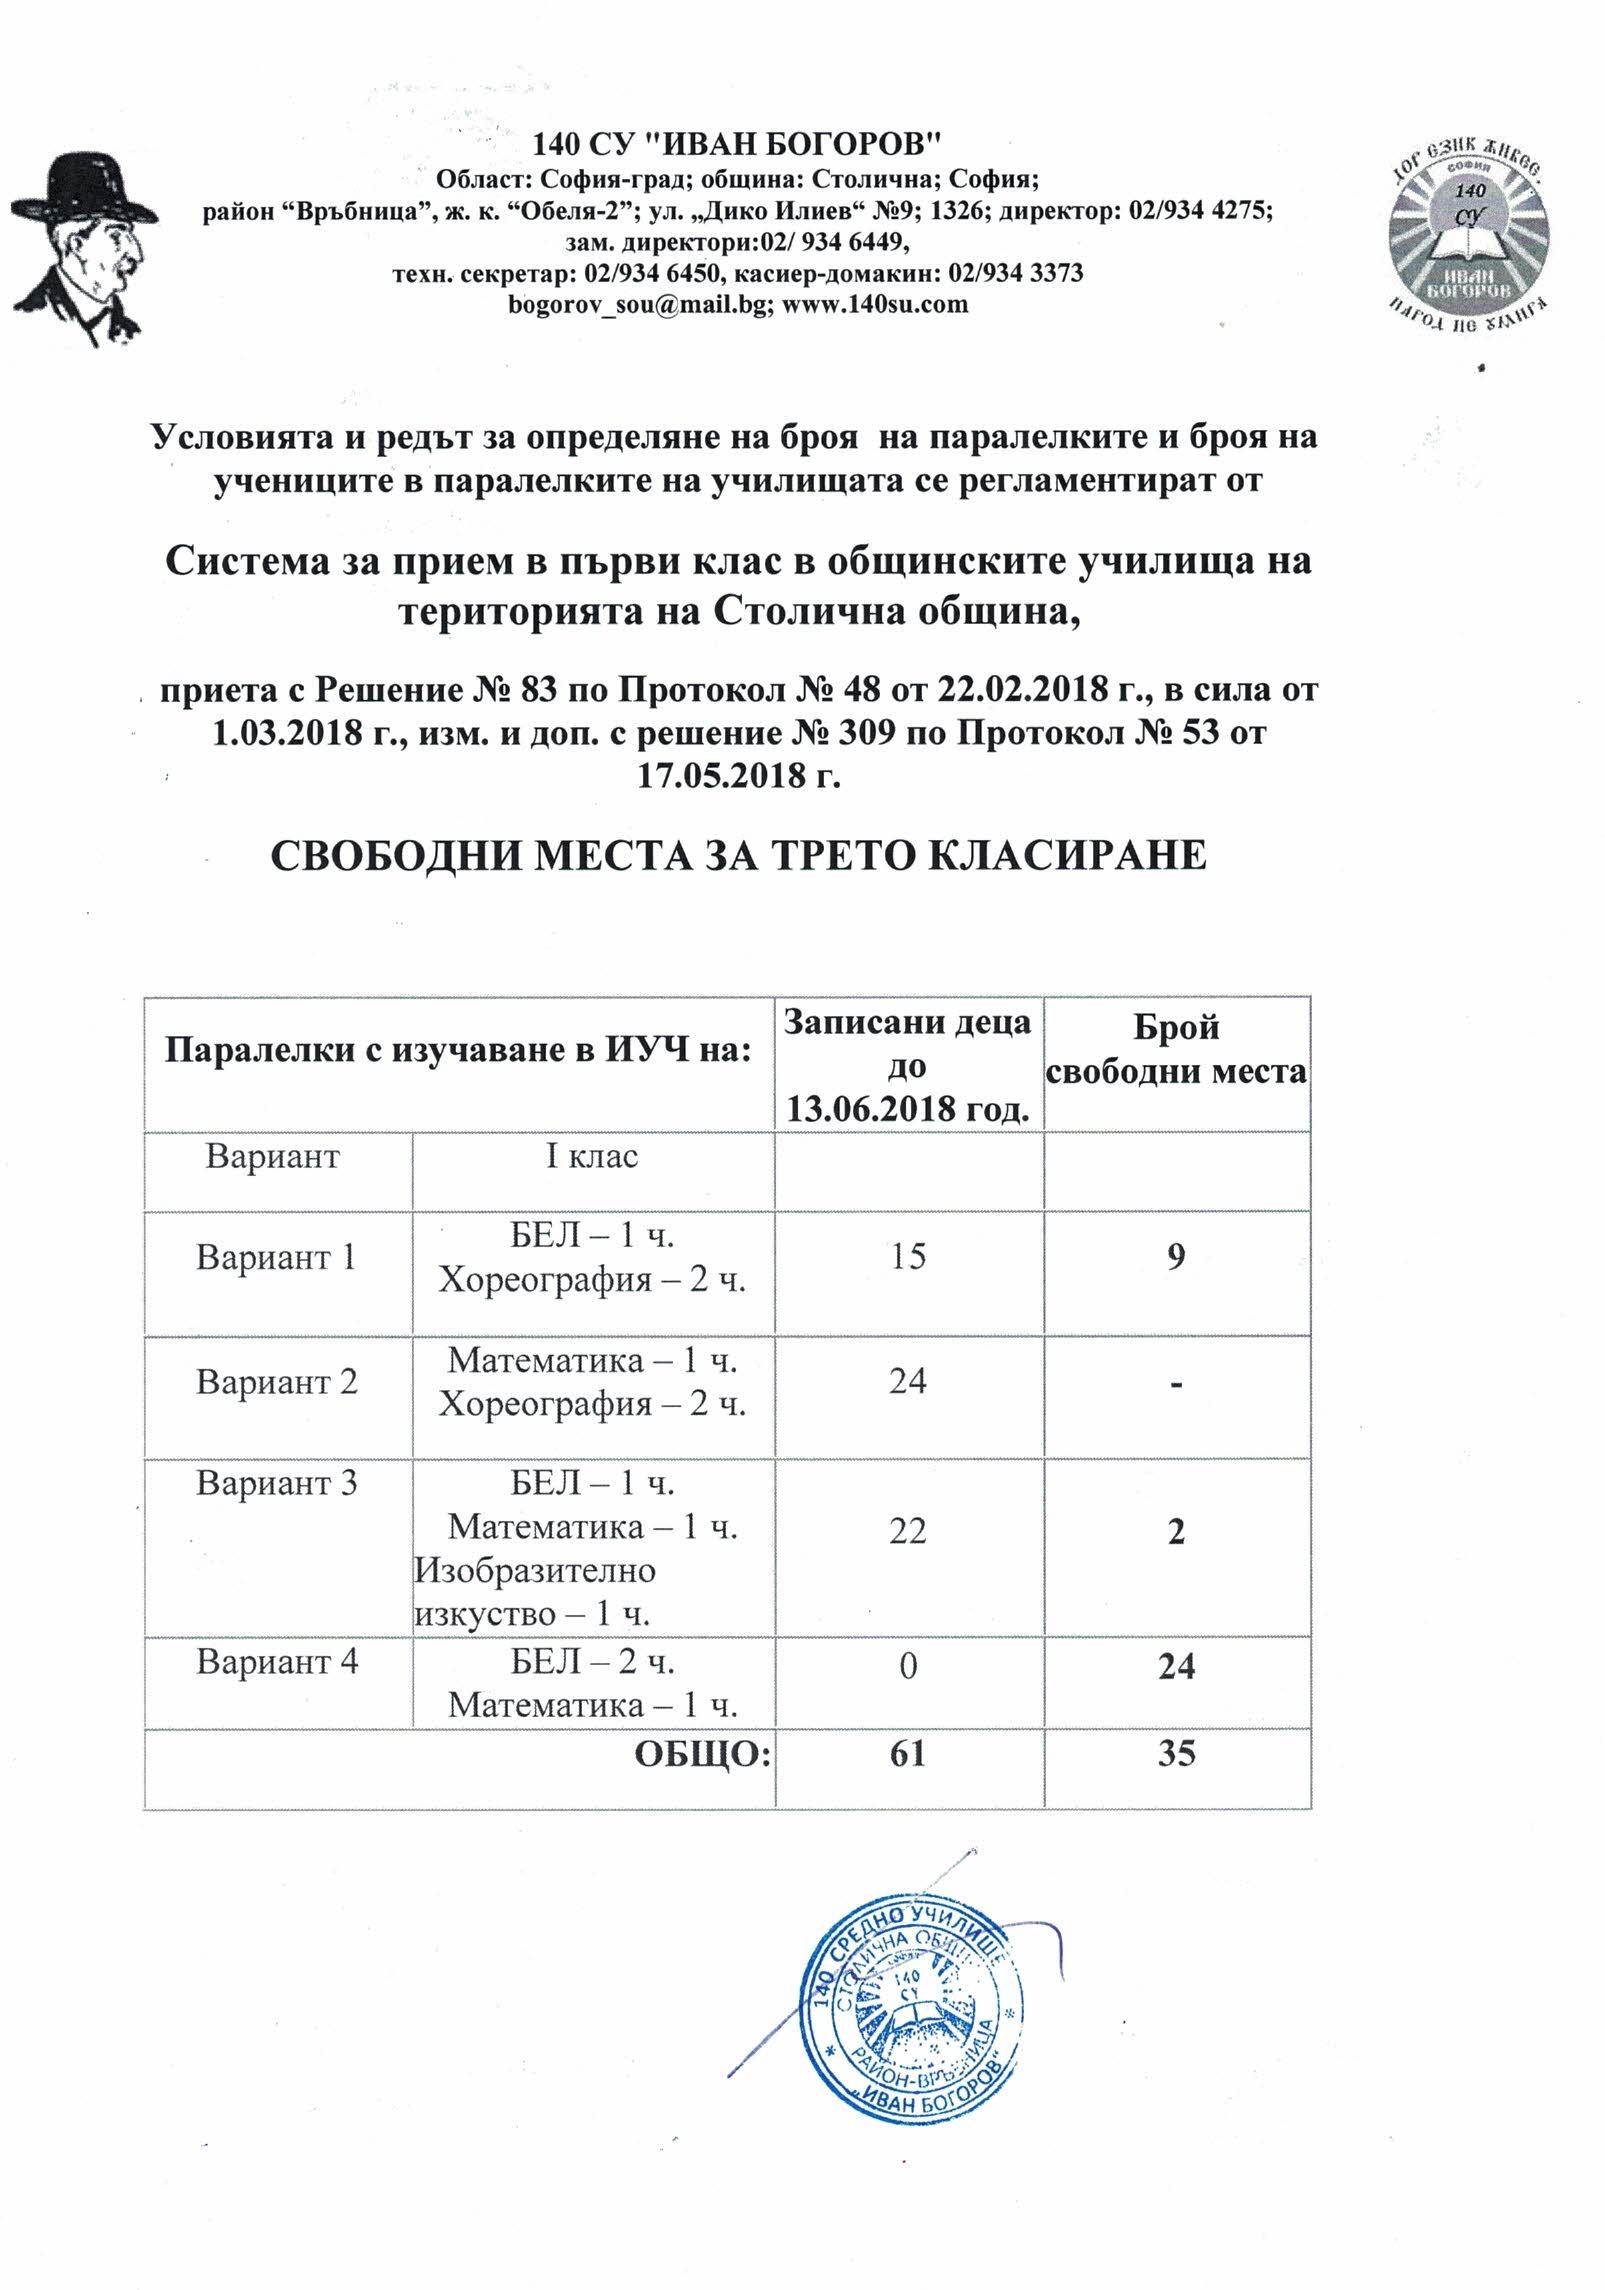 Свободни места за 1 клас към 13.06.2018г.